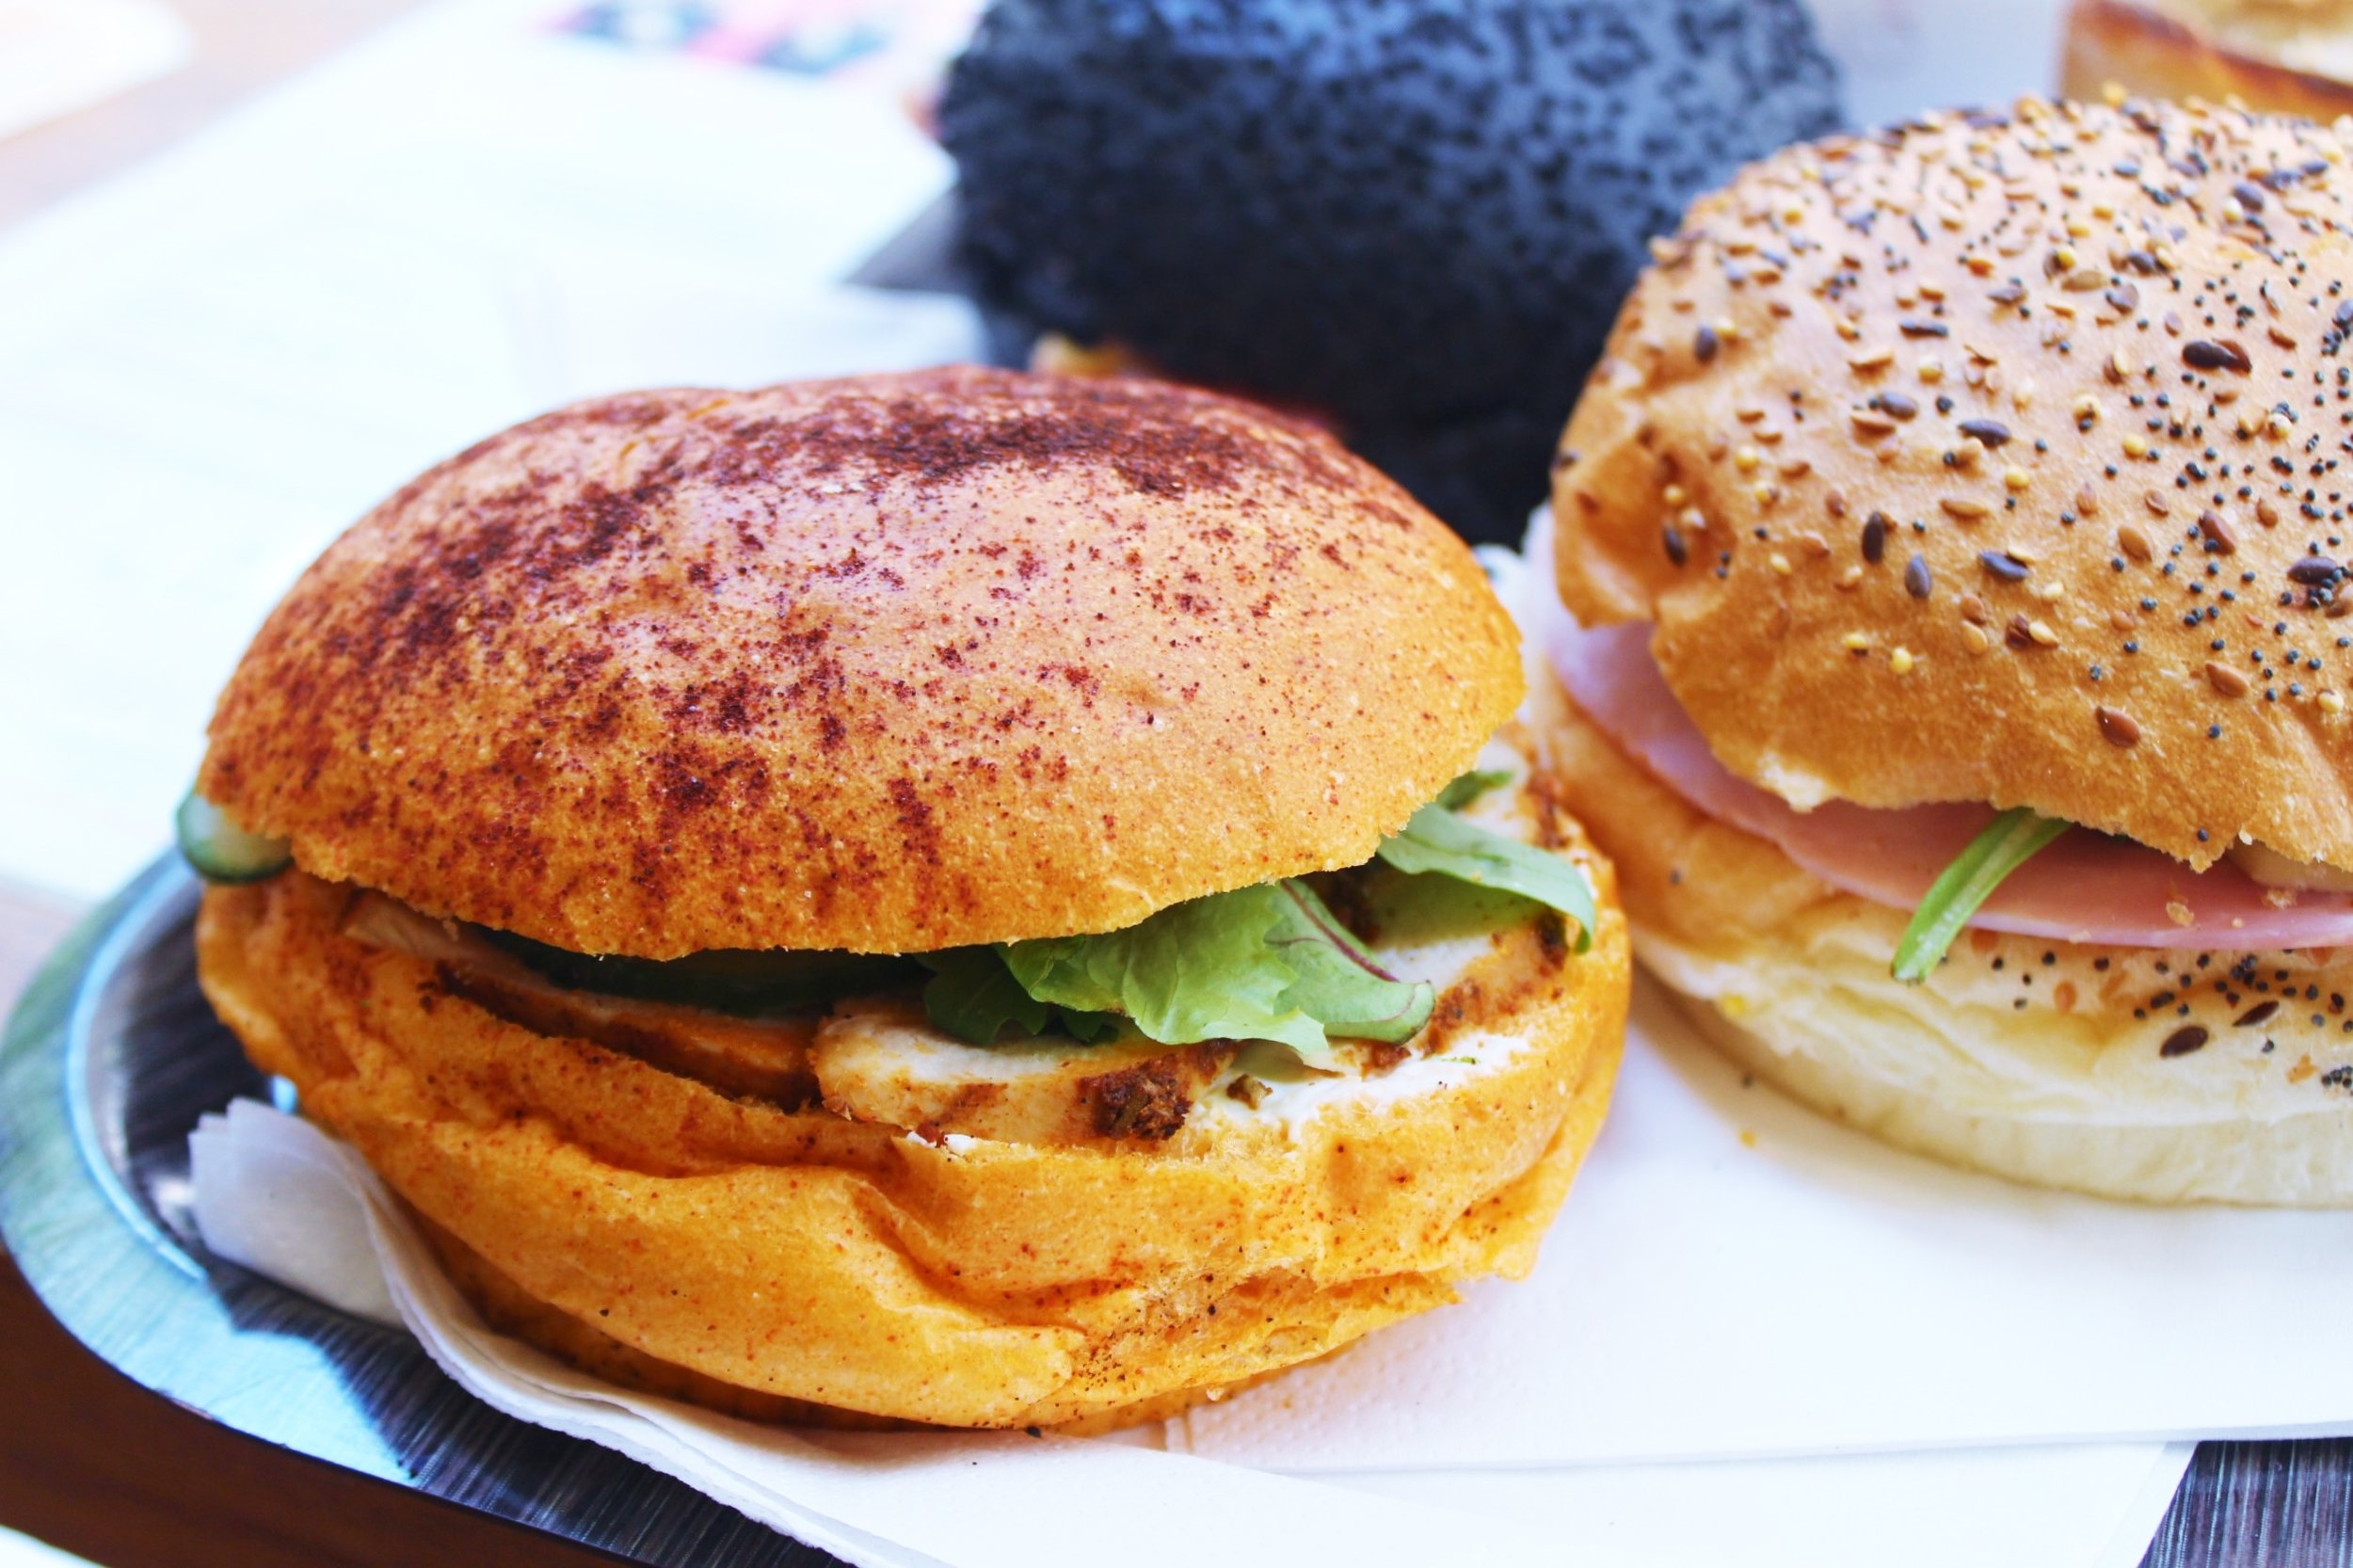 Tandoori Chicken Sandwich with Paprika Bread at Gontran Cherrier in Paris